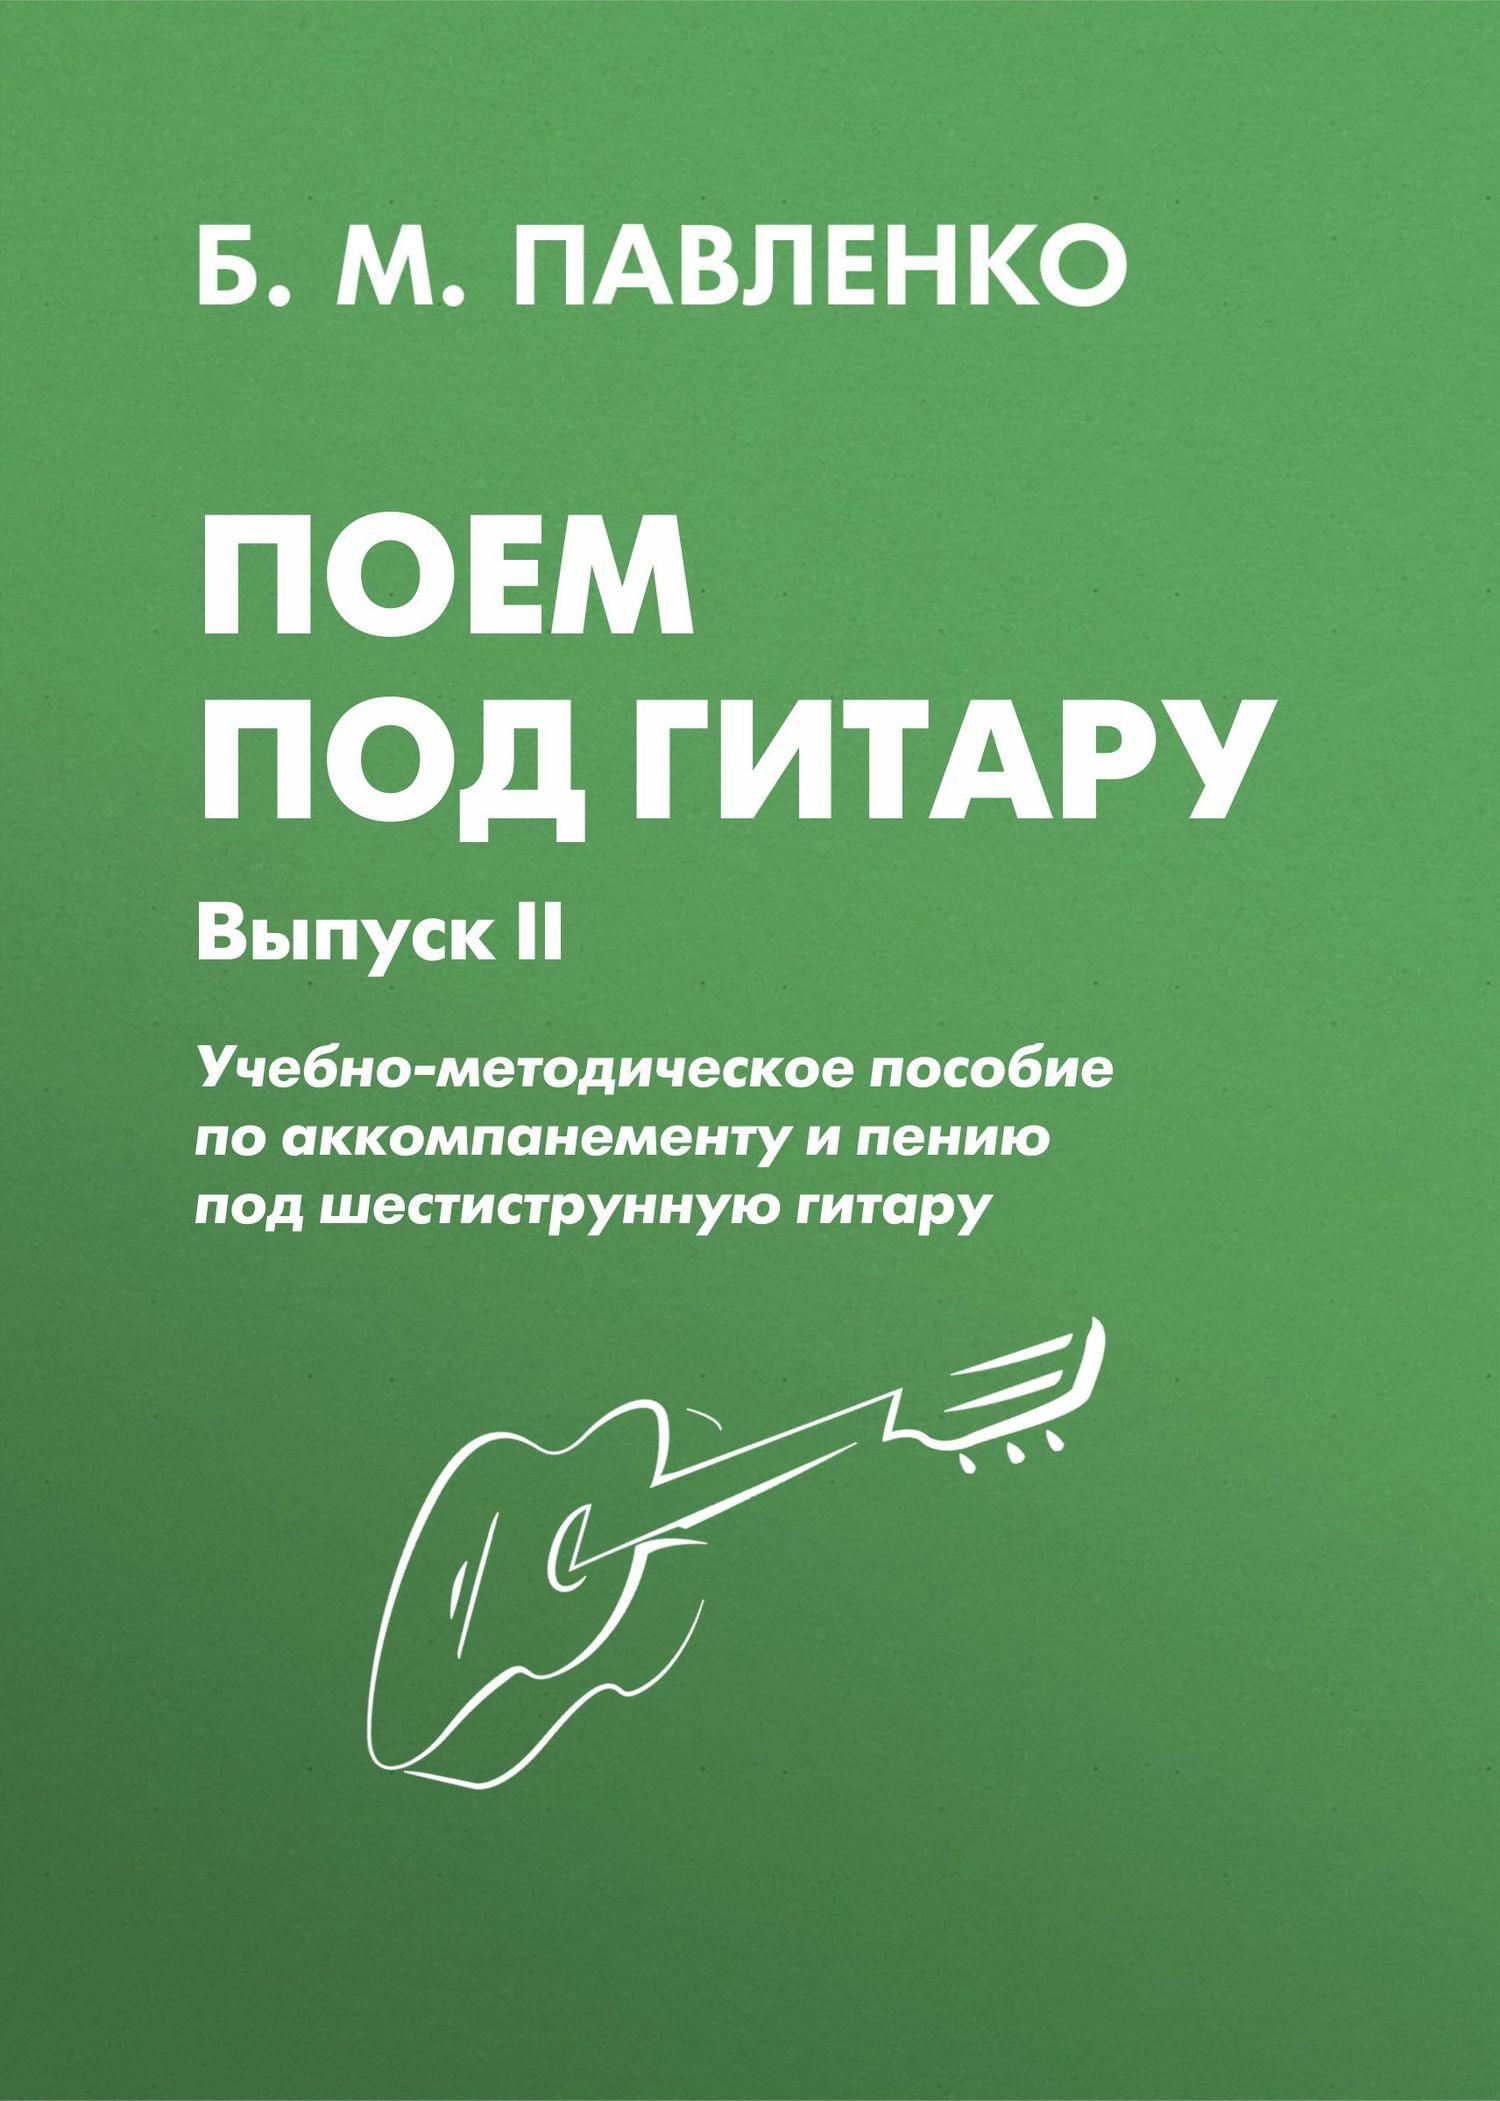 Б. М. Паленко Поем под . Учебно-методическое пособие по аккомпанементу и пению под шестиструнную . ыпуск II